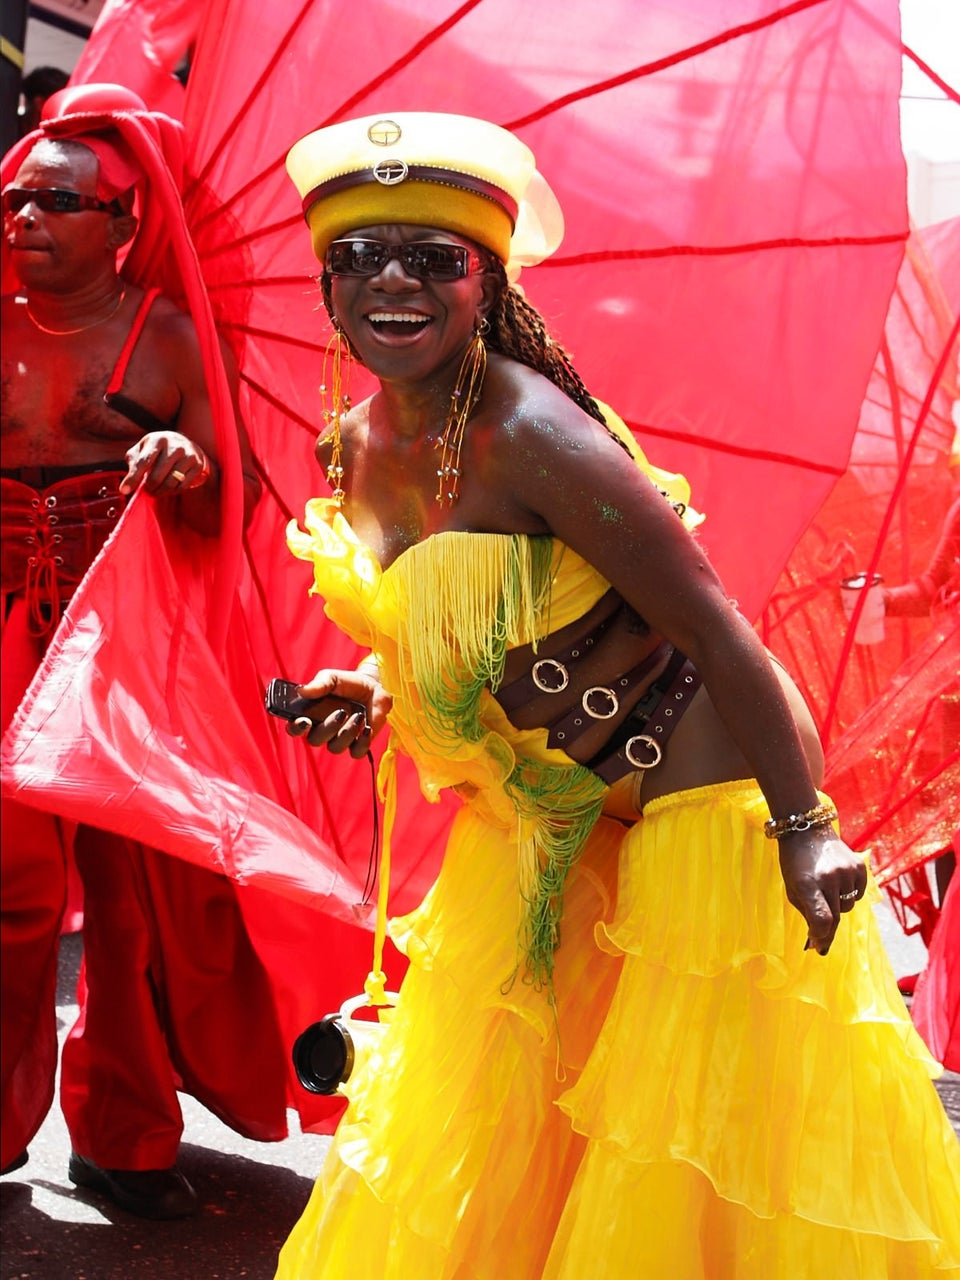 Street Style: Trinidad & Tobago Carnival